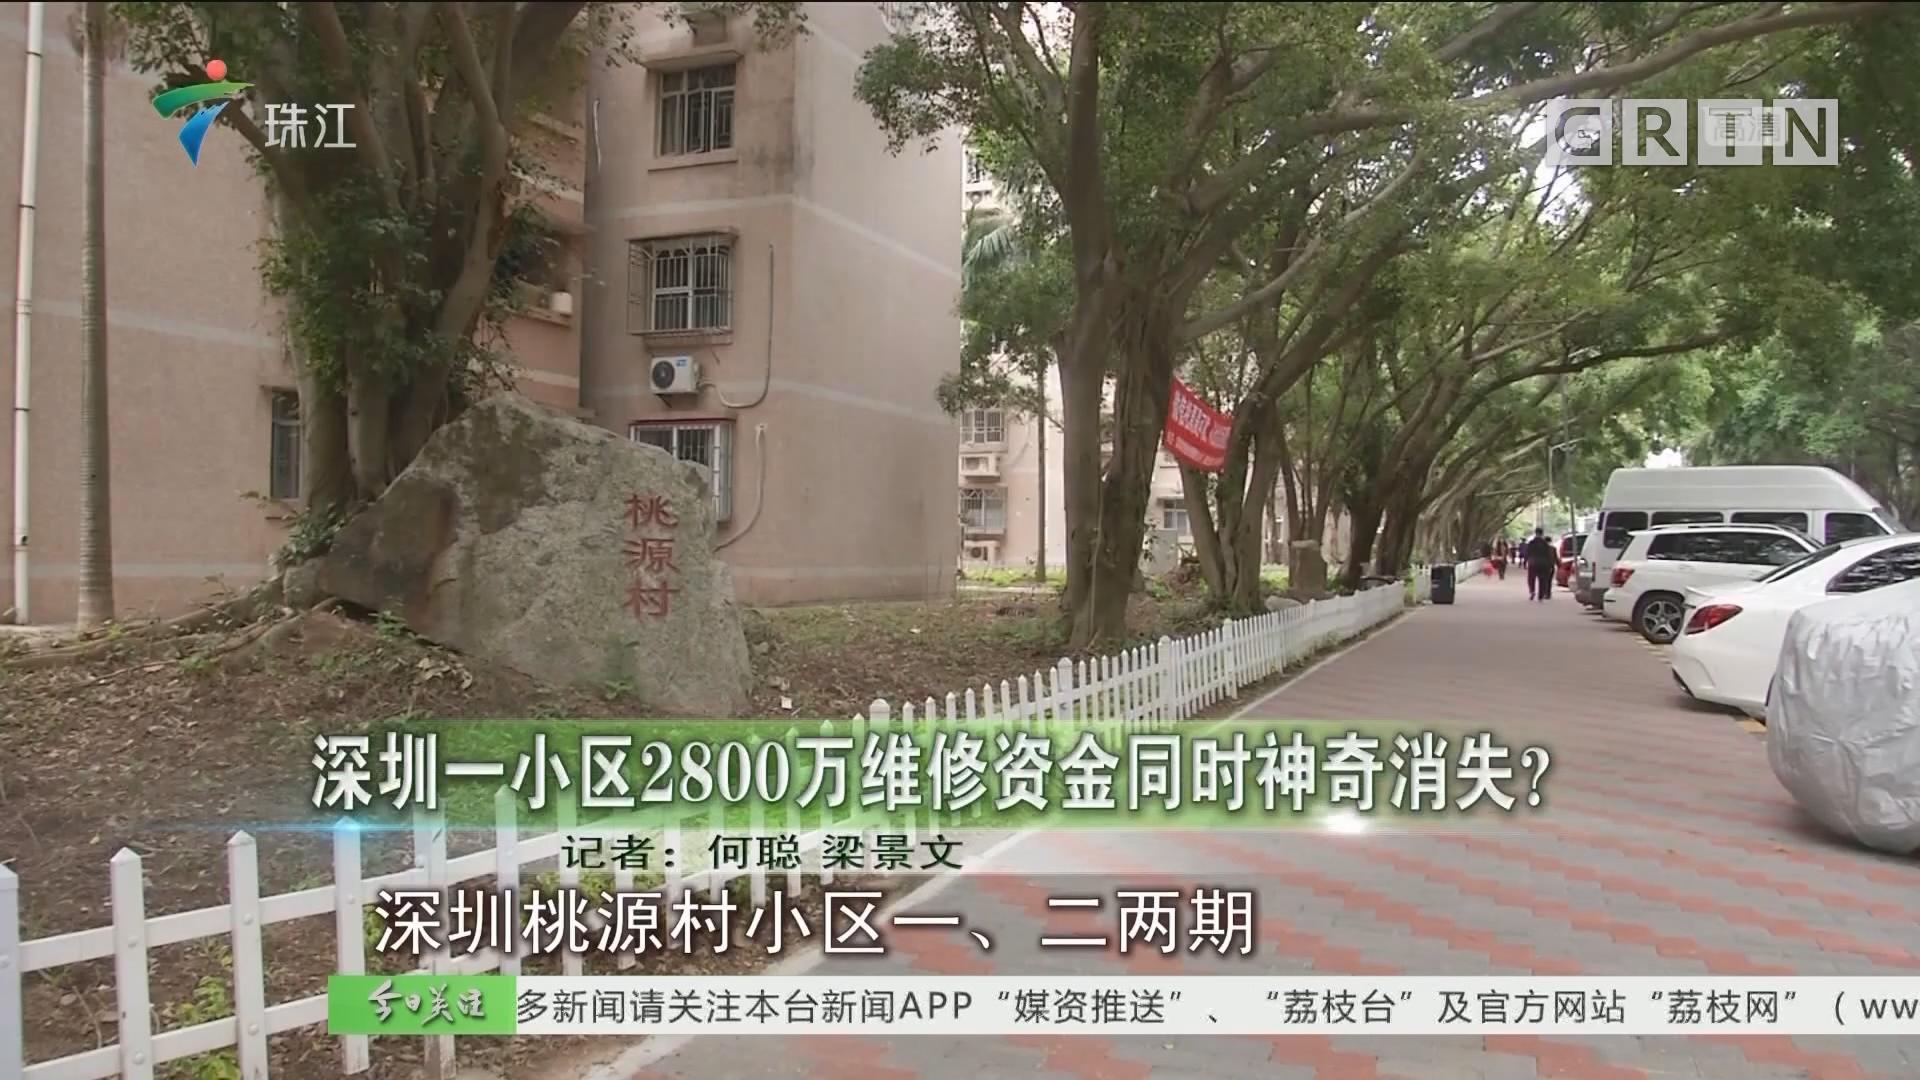 深圳一小区2800万维修资金同时神奇消失?